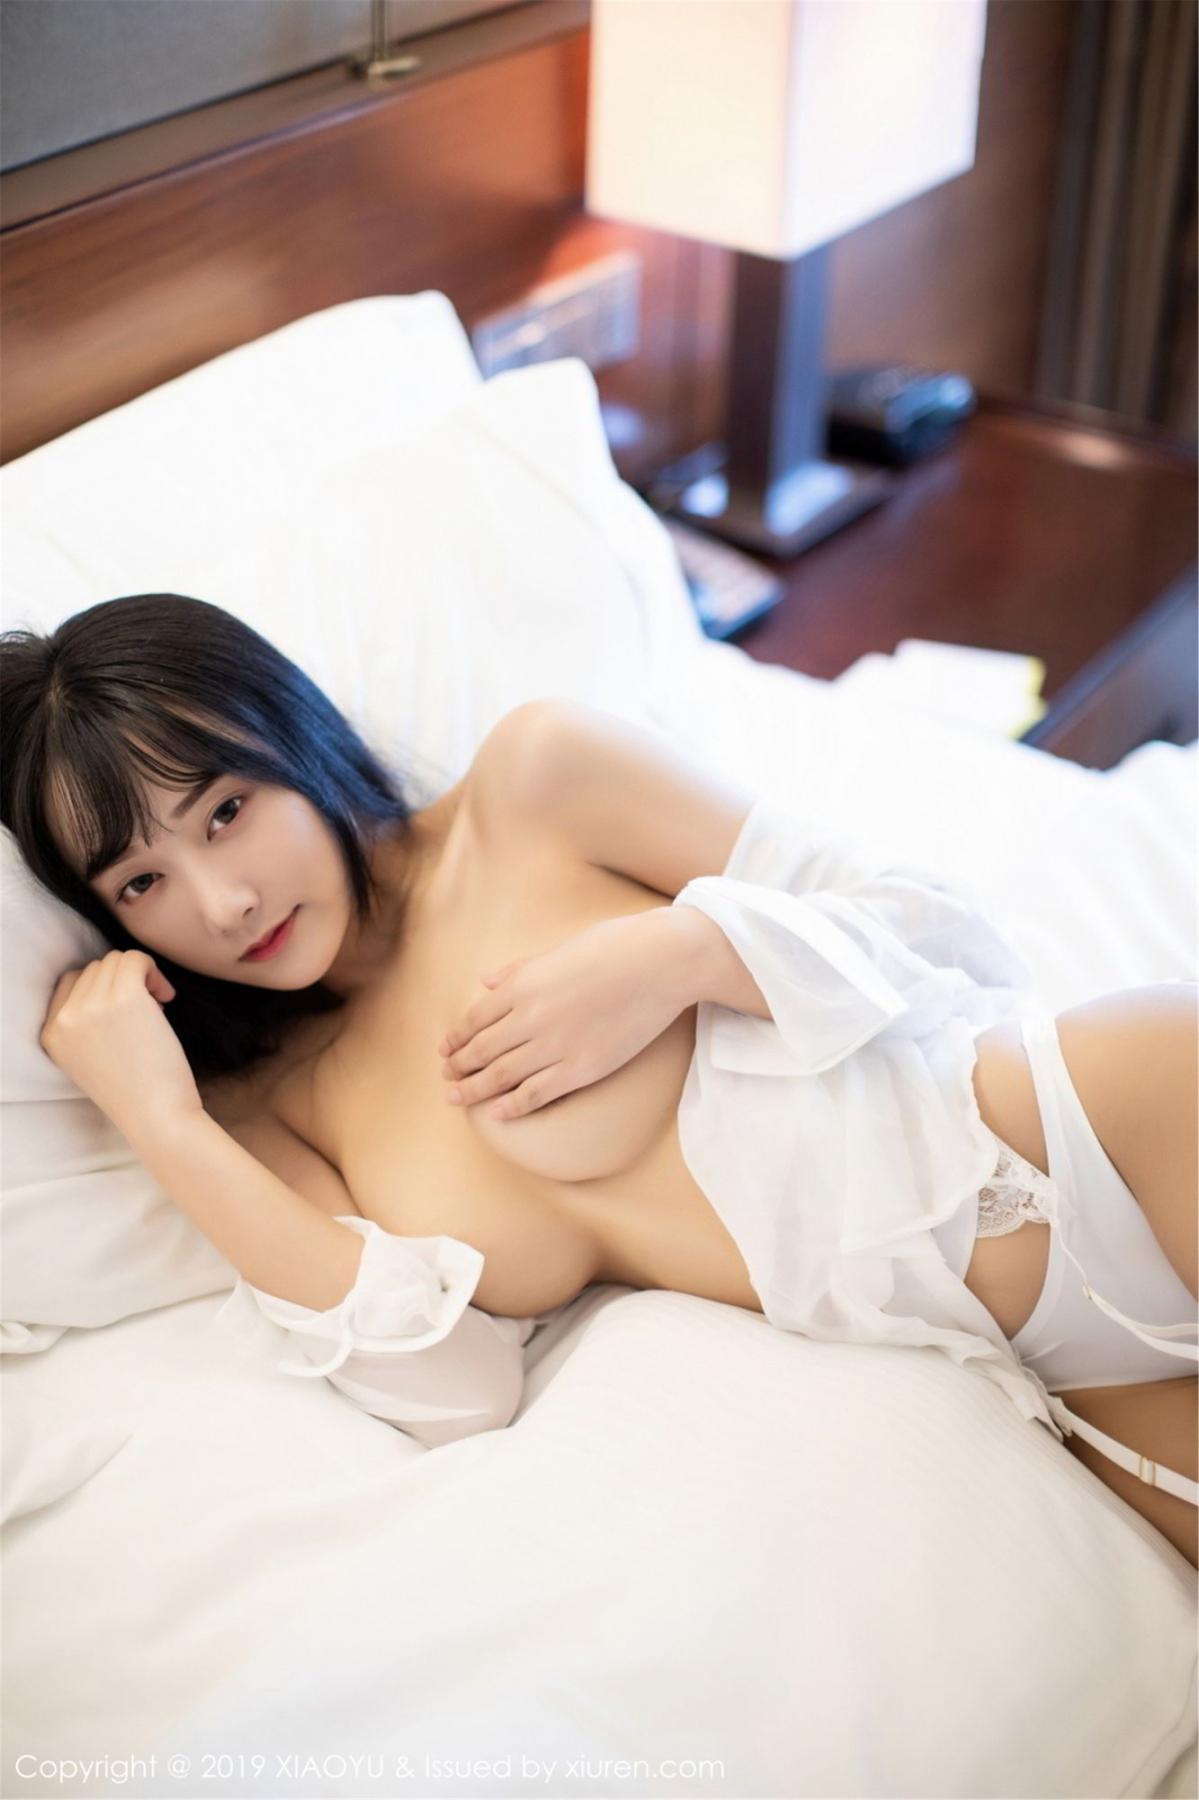 [XiaoYu] Vol.076 He Jia Ying 48P, He Jia Ying, Underwear, XiaoYu